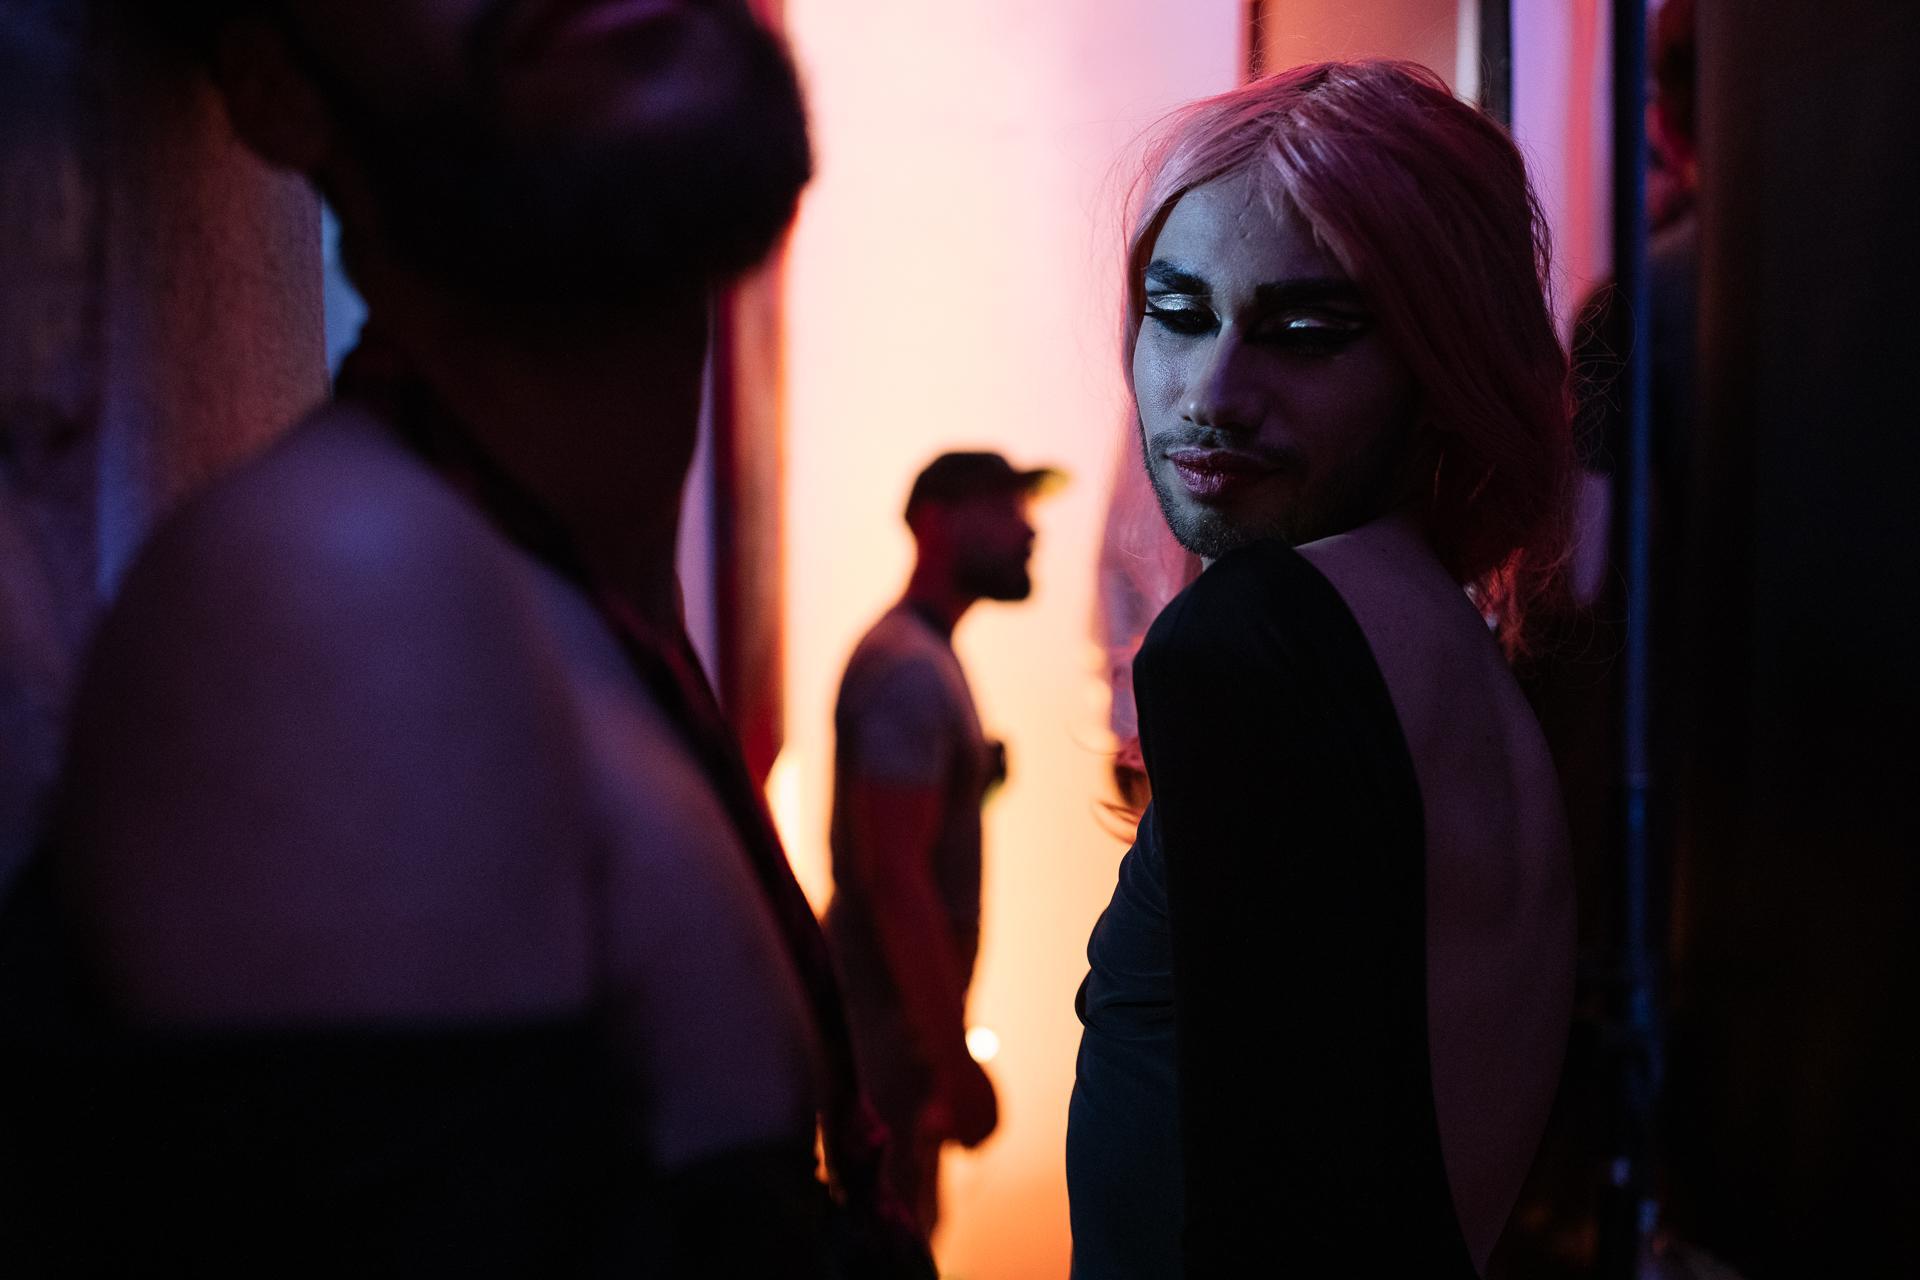 17 mai 2019, journée mondiale contre l'homophobie et la transphobie. En plein mois sacré de Ramadan, au coeur de la très conservatrice Médina de Tunis, un défilé de drag queens se prépare. Cette soirée, bien que confidentielle, représente un moment de liberté rare pour les participants. Car en Tunisie, se promener dans la rue avec une attitude ou une tenue jugées efféminées représente un risque d'arrestation.